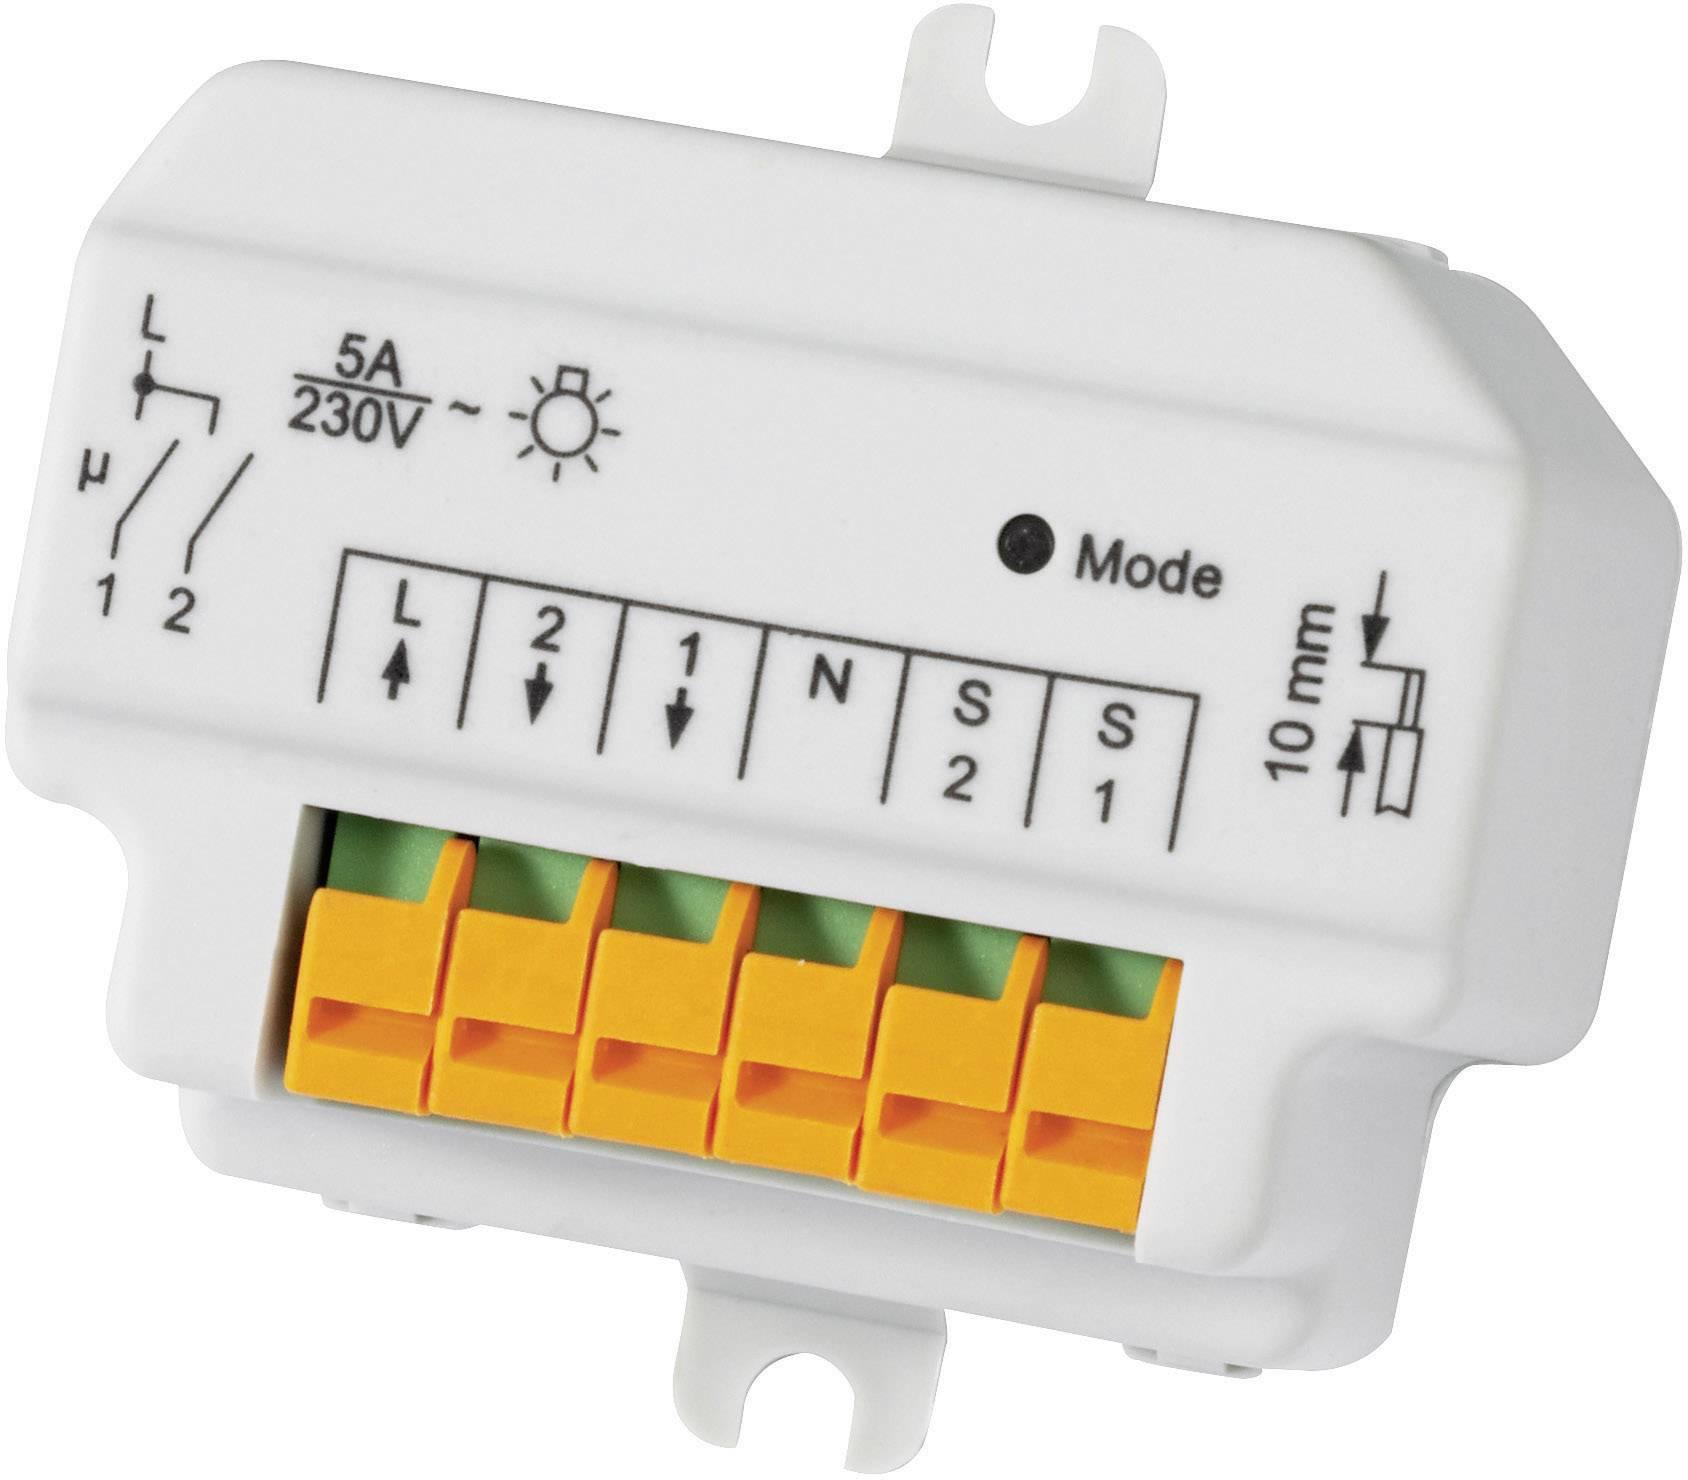 Bezdrôtový spínač pod omietku HomeMatic HM-LC-SW2-FM 76794 2-kanálový, max. dosah 100 m, 1150 W